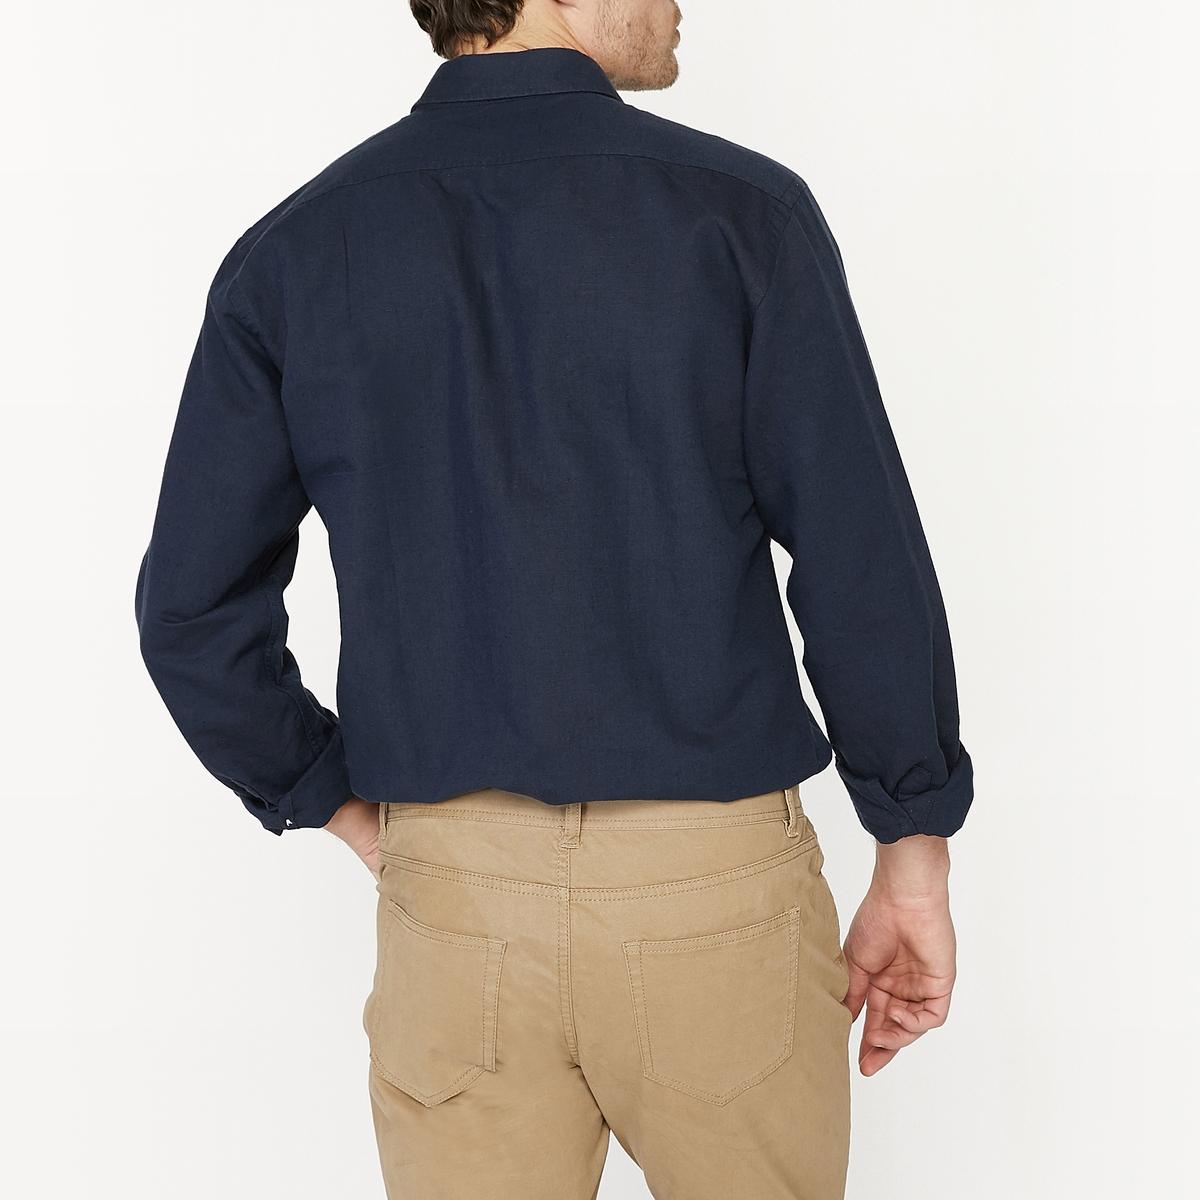 Рубашка с длинными рукавами прямого покроя, с содержанием льнаРубашка. Прямой покрой.Итальянский воротник.Длинные рукава и манжеты с застежкой на пуговицы. Состав и описание :Материал : 53 % льна, 47 % хлопка.Длина 77 см.Марка : R edition.Уход :Машинная стирка при 30°, деликатный режимСухая (химическая) чистка запрещена Машинная сушка запрещенаСтирать вместе с одеждой подобных цветов.Стирать и гладить с изнаночной стороны<br><br>Цвет: синий морской<br>Размер: 37/38.47/48.35/36